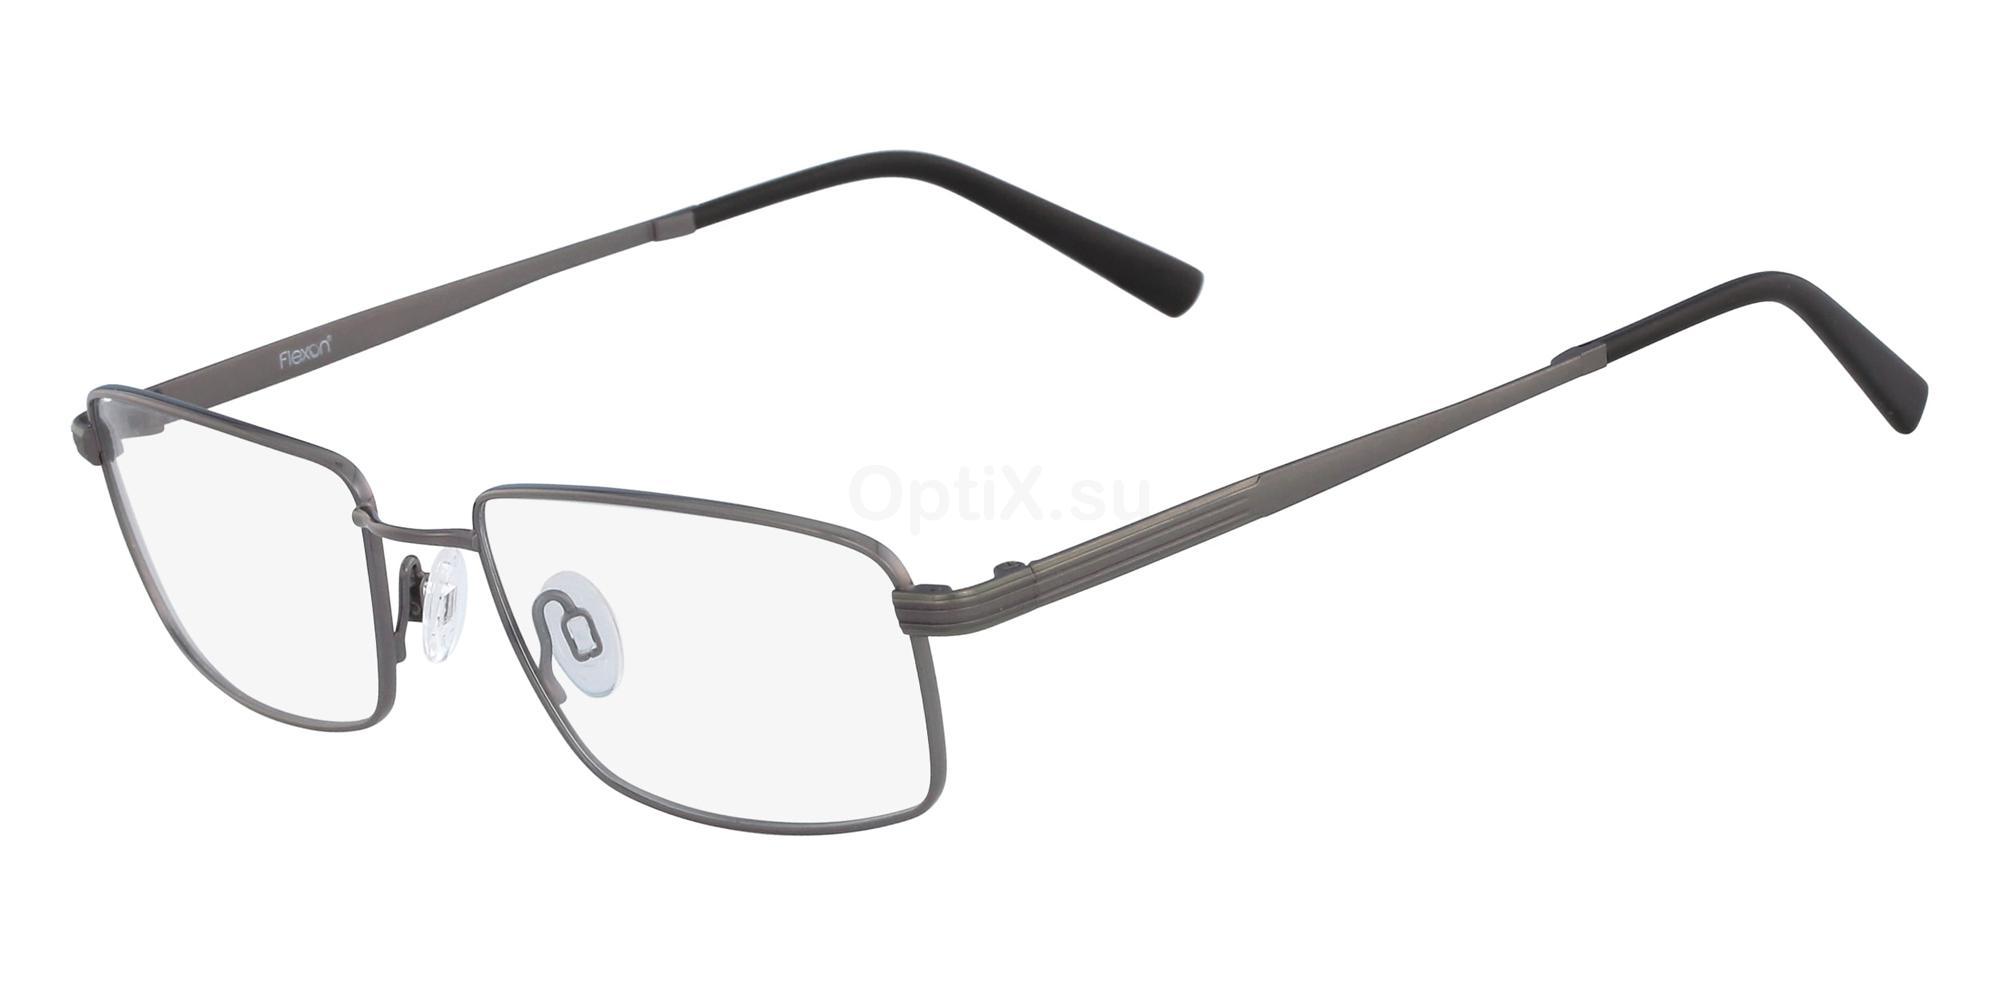 033 FLEXON LARSEN 600 Glasses, Flexon